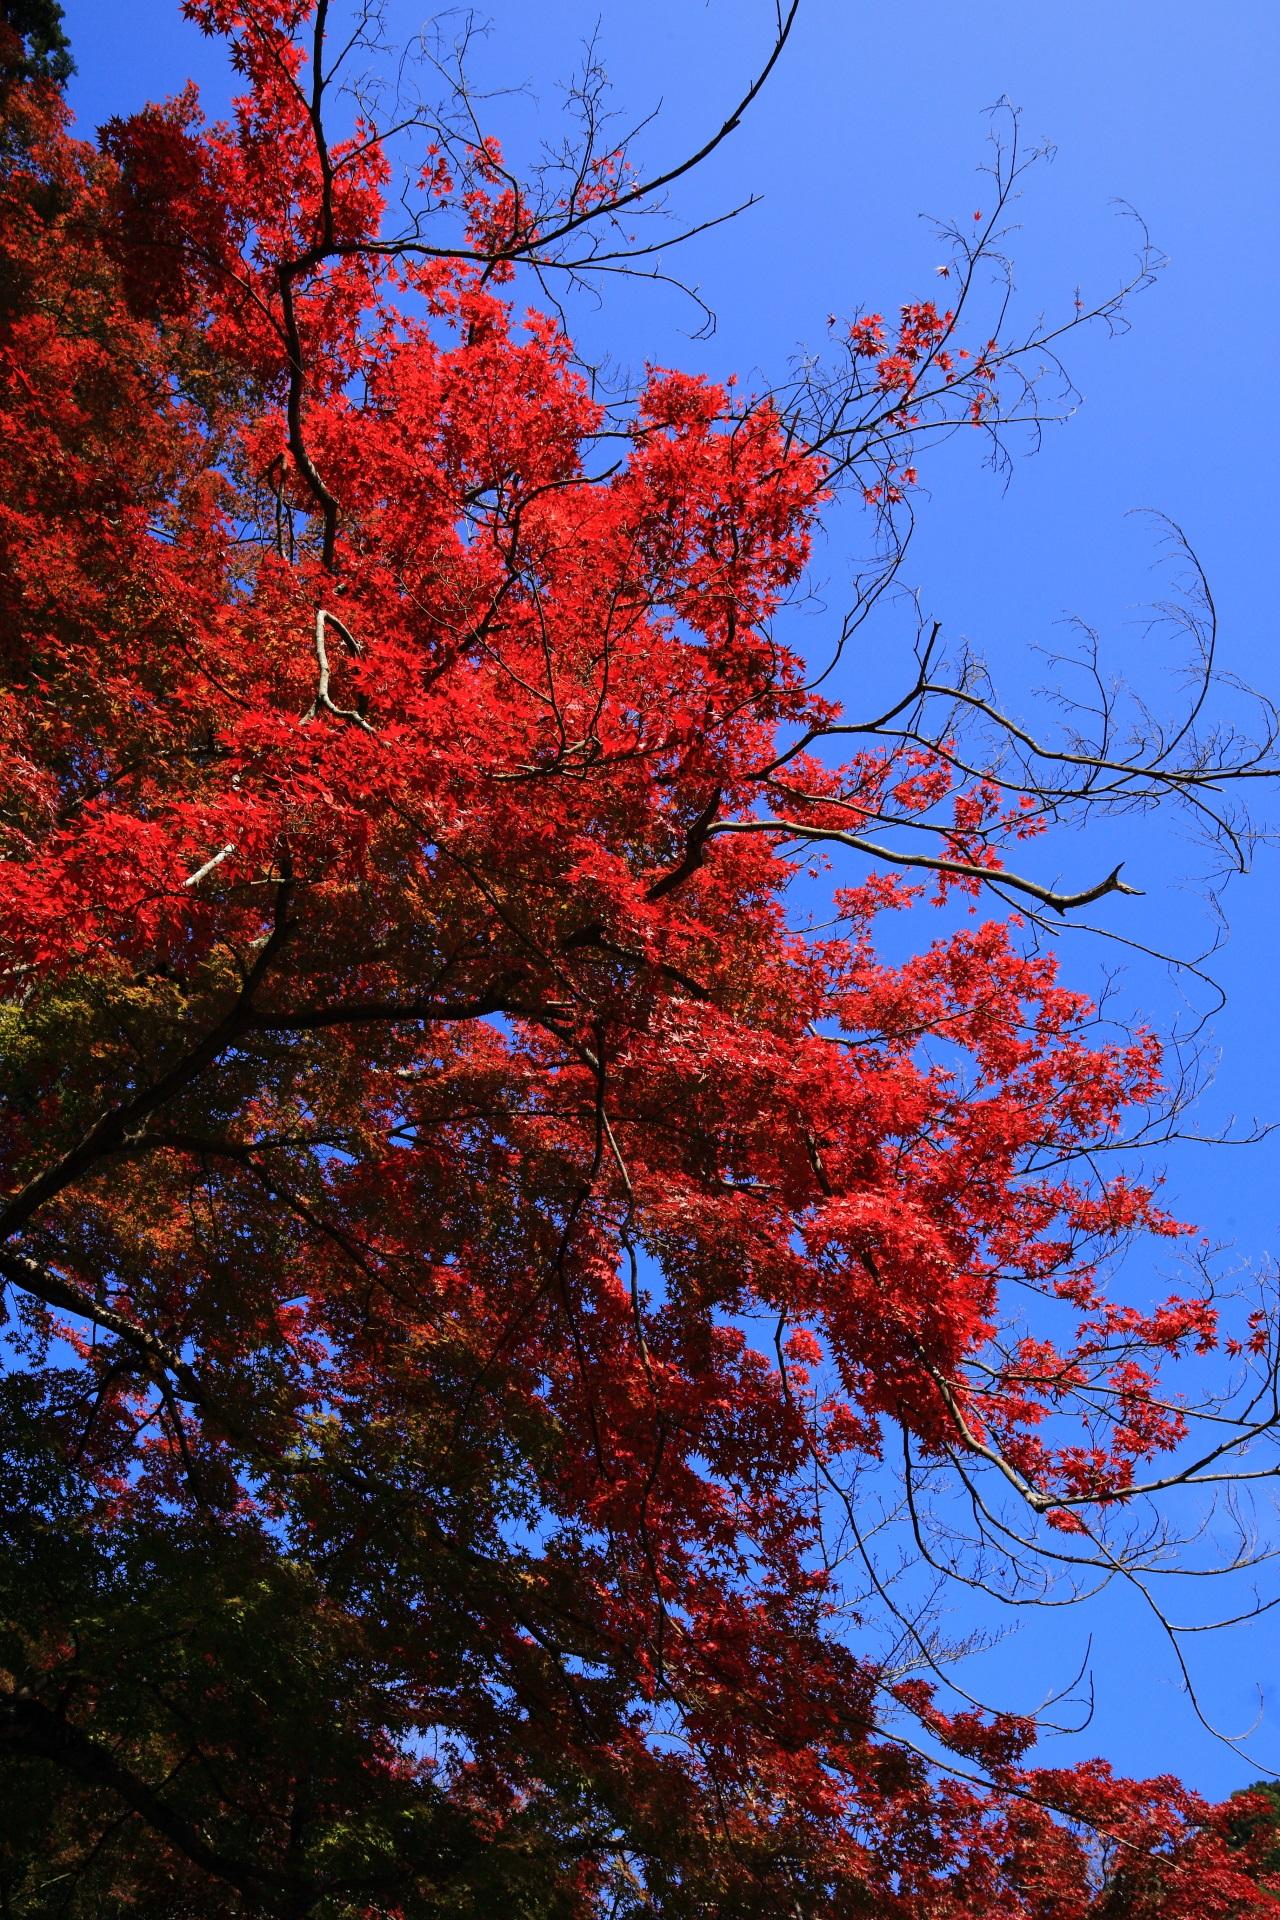 三室戸寺の本堂前や周辺の太陽に照らされ煌く真っ赤な紅葉